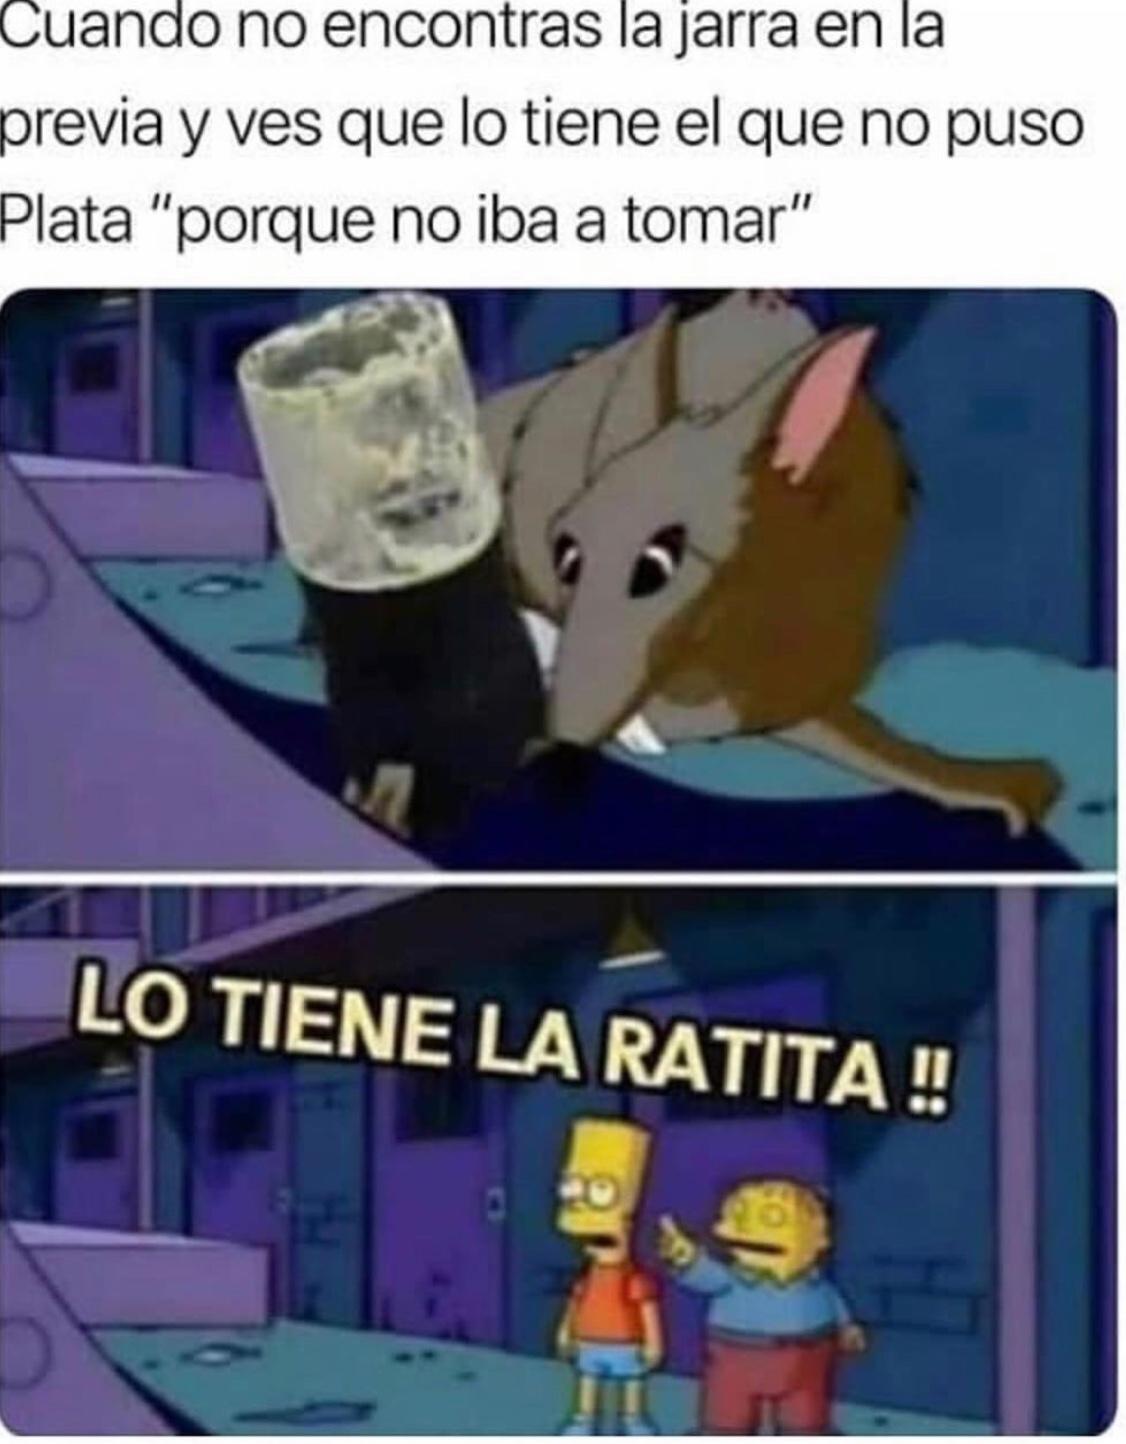 ese amigo raton - meme